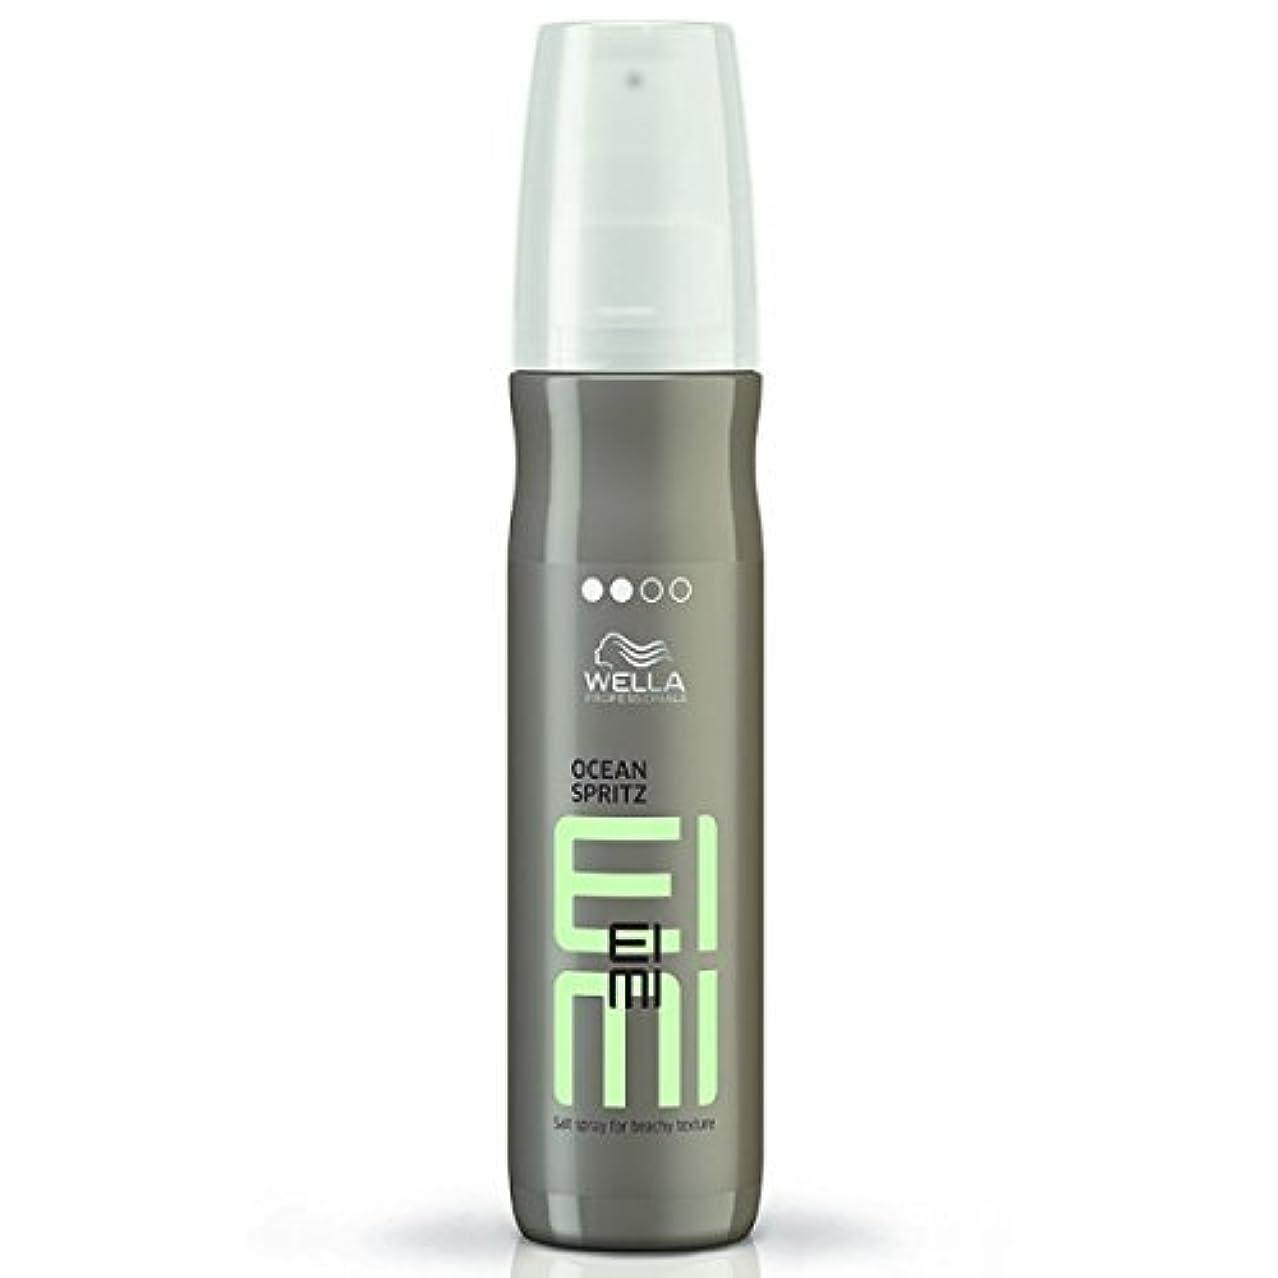 絶滅させる知的バクテリアWella EIMI Ocean Spritz - Salt Spray For Beachy Hair Texture 150 ml [並行輸入品]